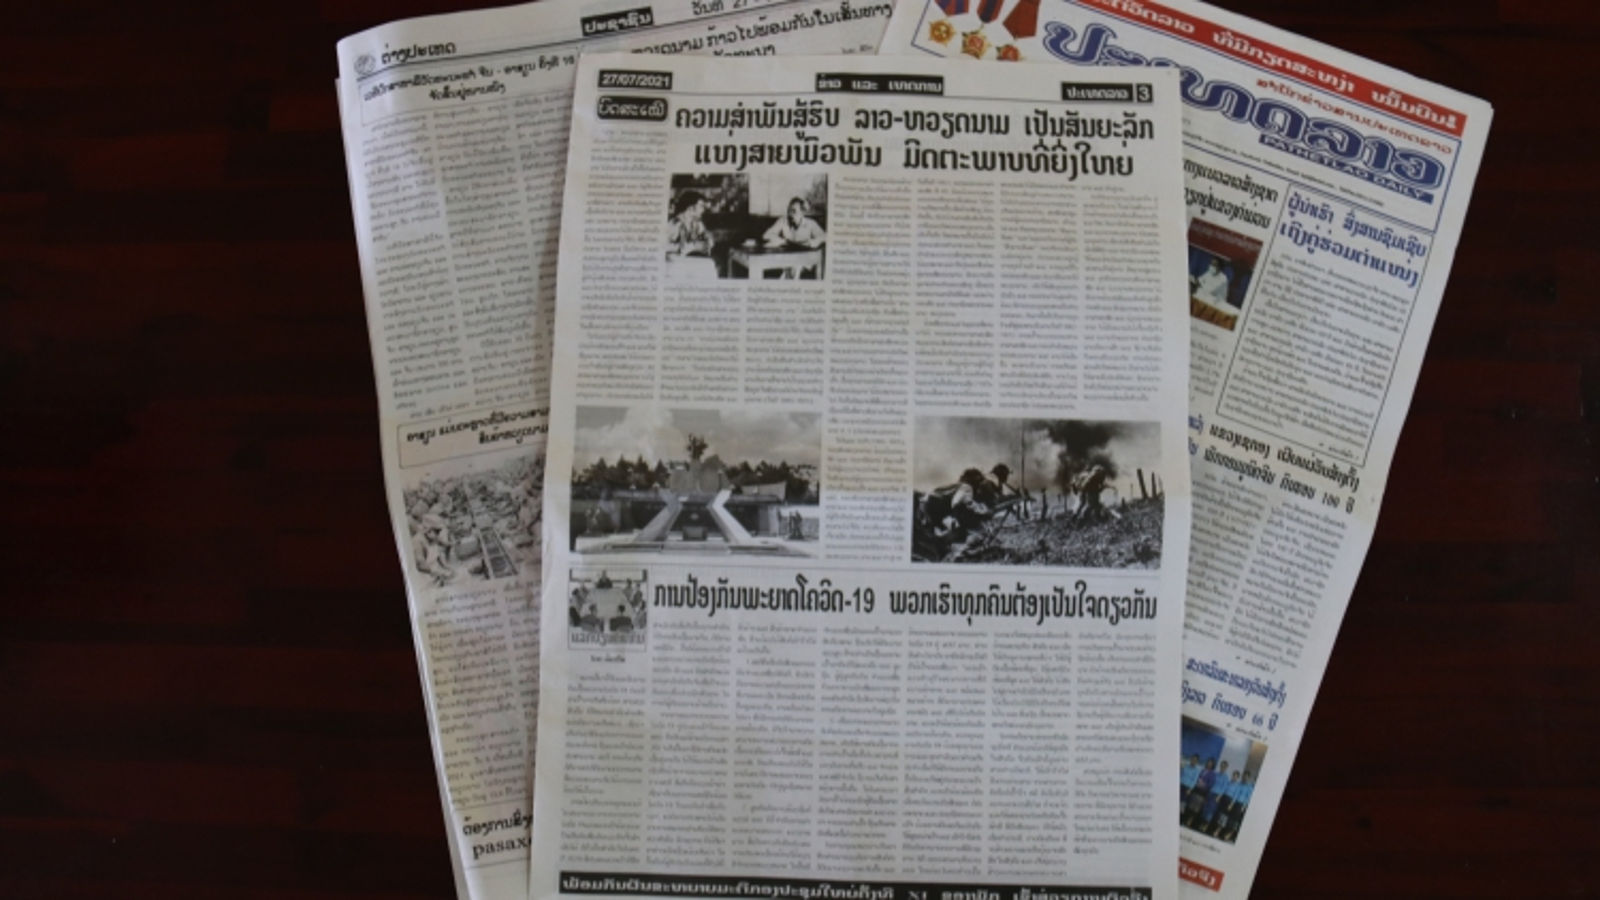 Truyền thông Lào đánh giá cao công lao to lớn của quân tình nguyện Việt Nam